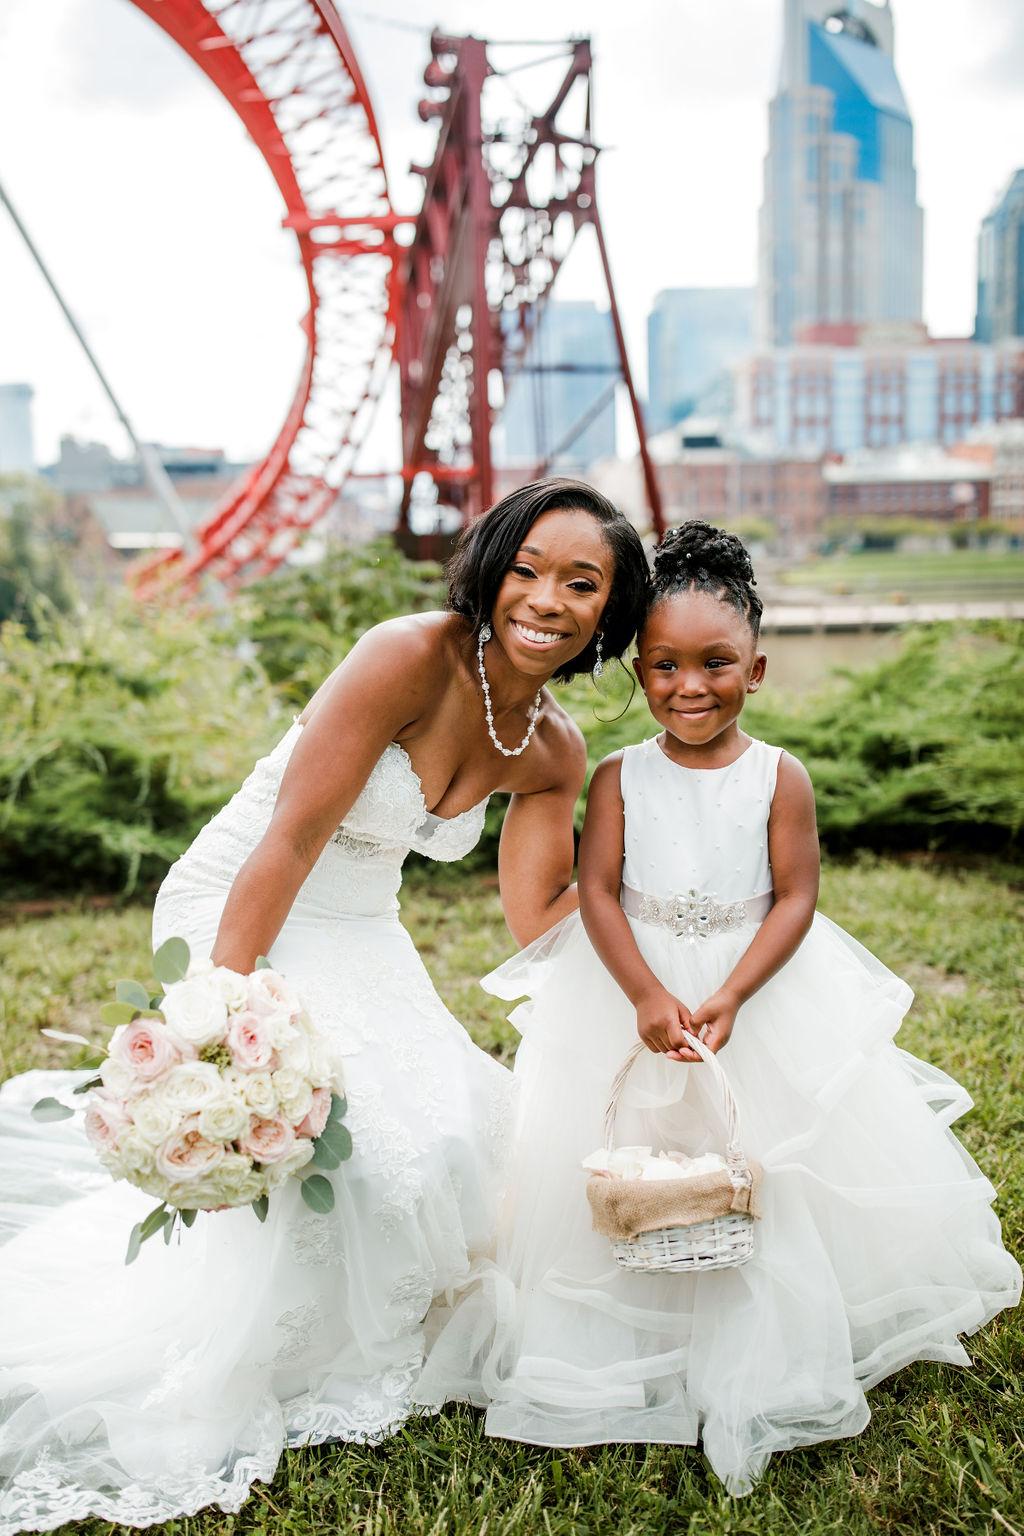 Flower girl dress | Nashville Bride Guide